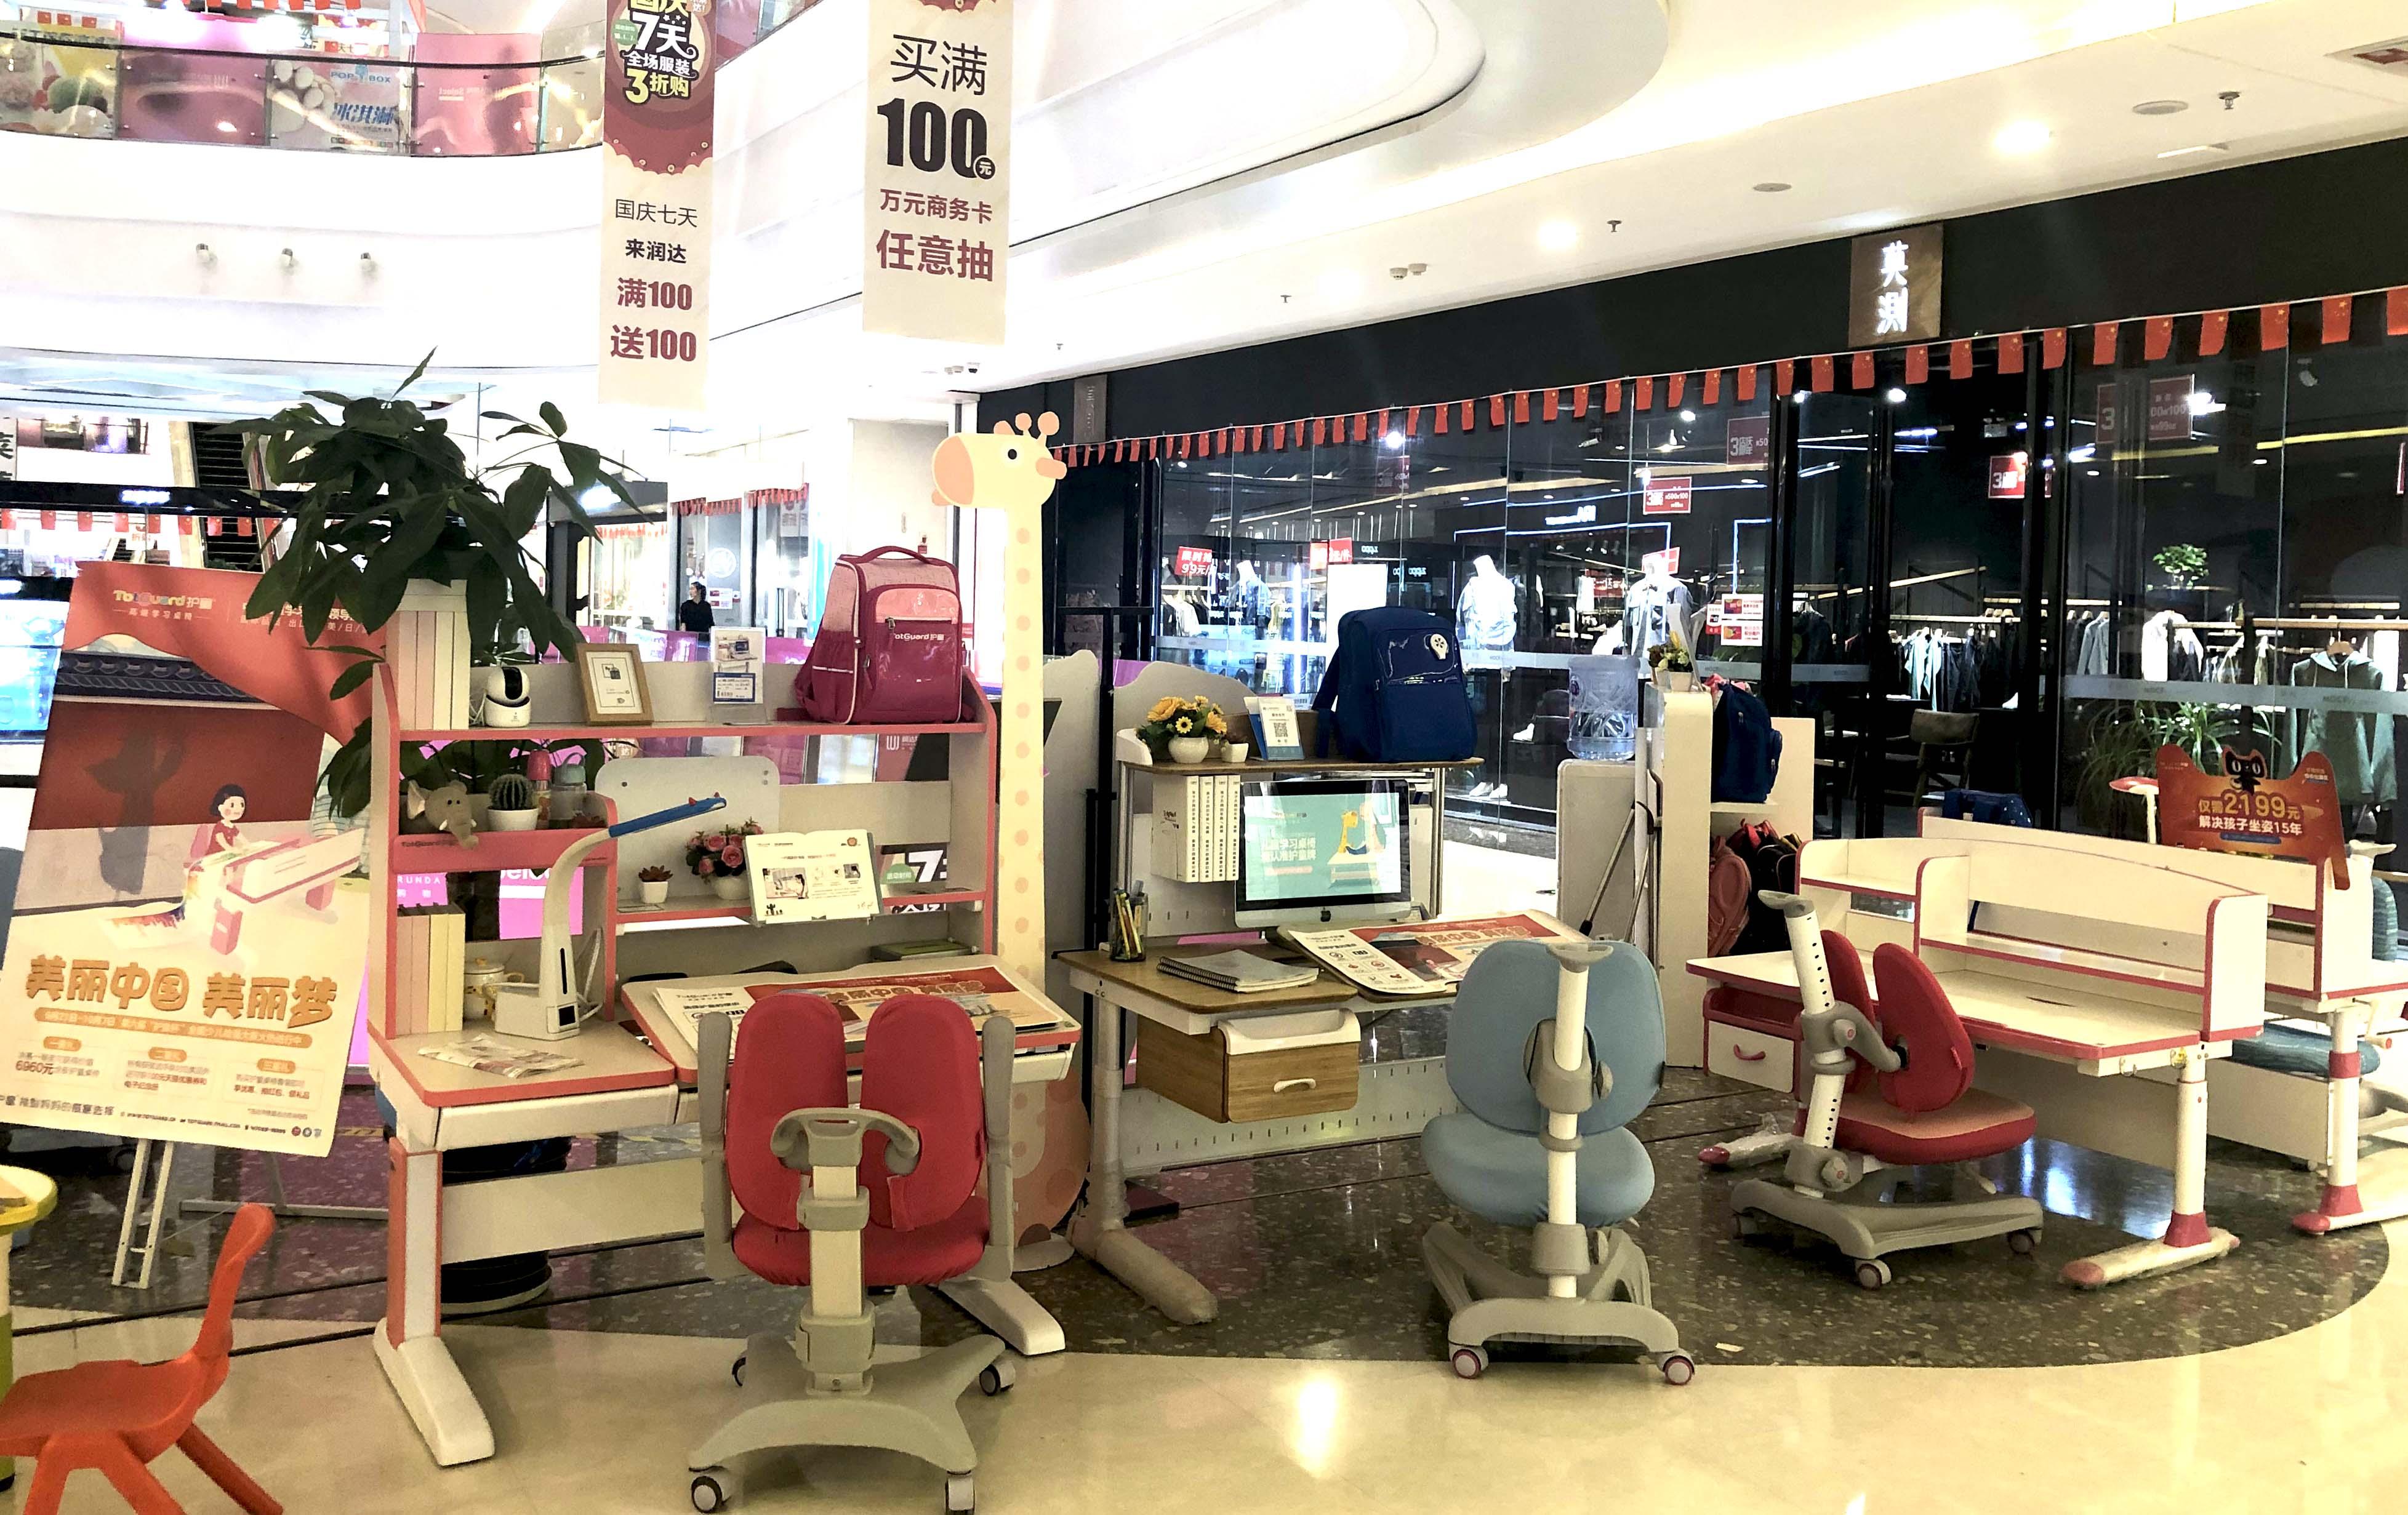 热烈祝贺护童第1835家萍乡润达金街护童专柜盛大开业!